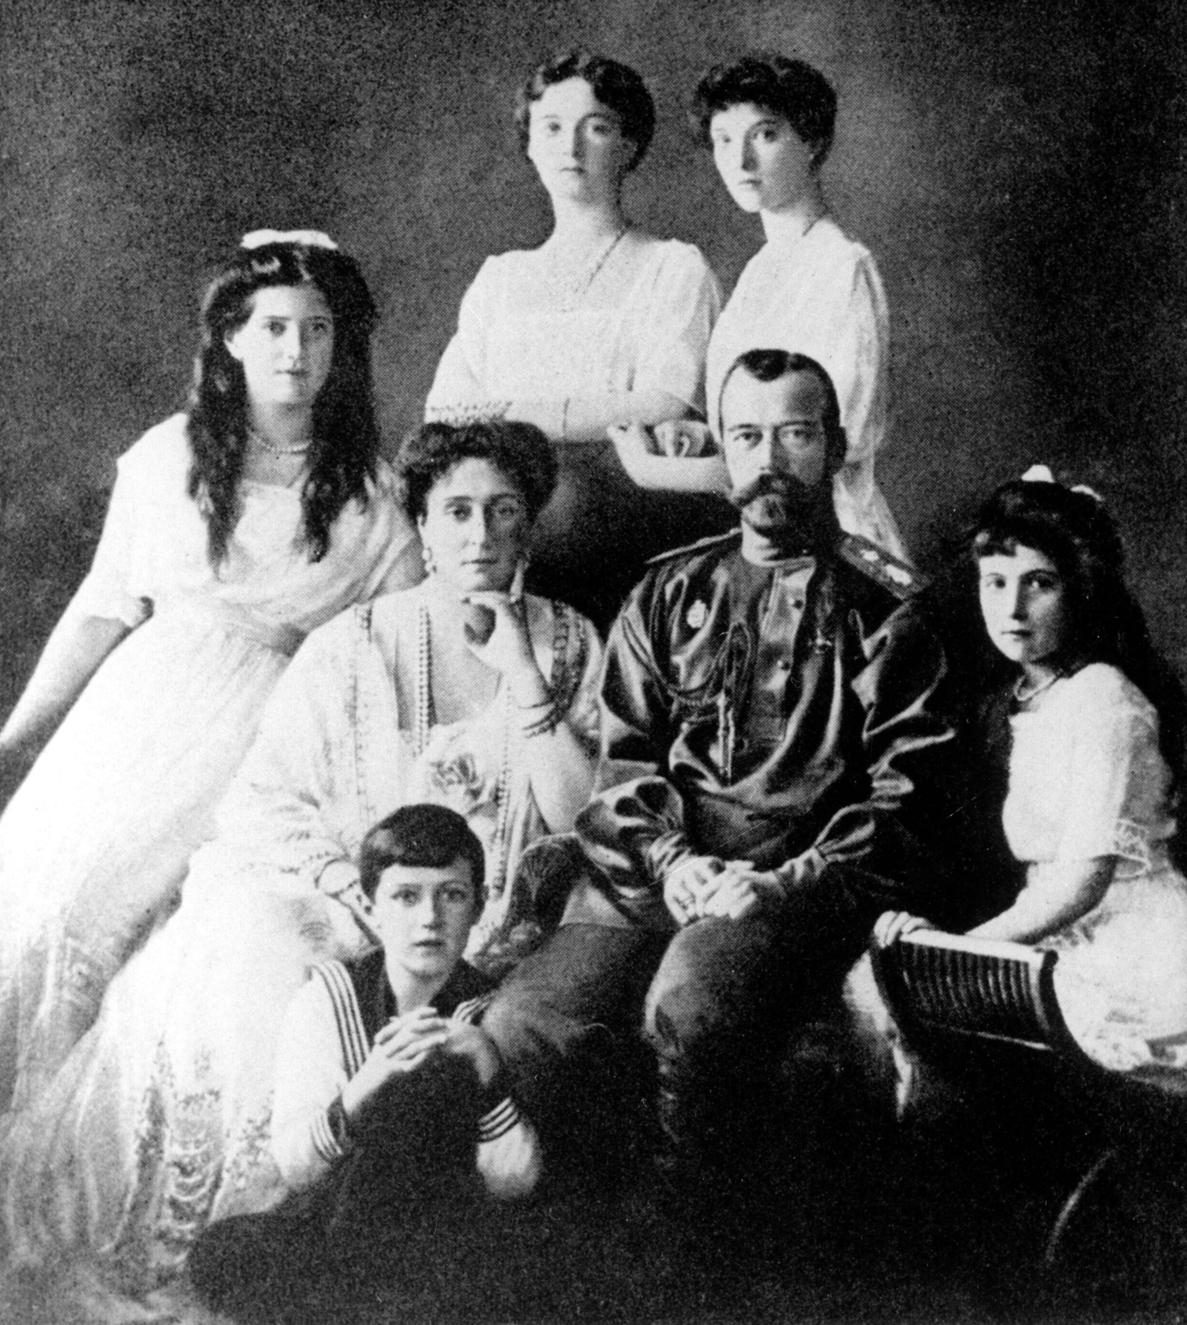 Az utolsó uralkodó Romanov család, középen II. MIKLÓS cár (1894-1917) és ALEKSZANDRA cárné. A családot 1918. júliusában szovjet utasításra kivégezték. (MTI/CP)